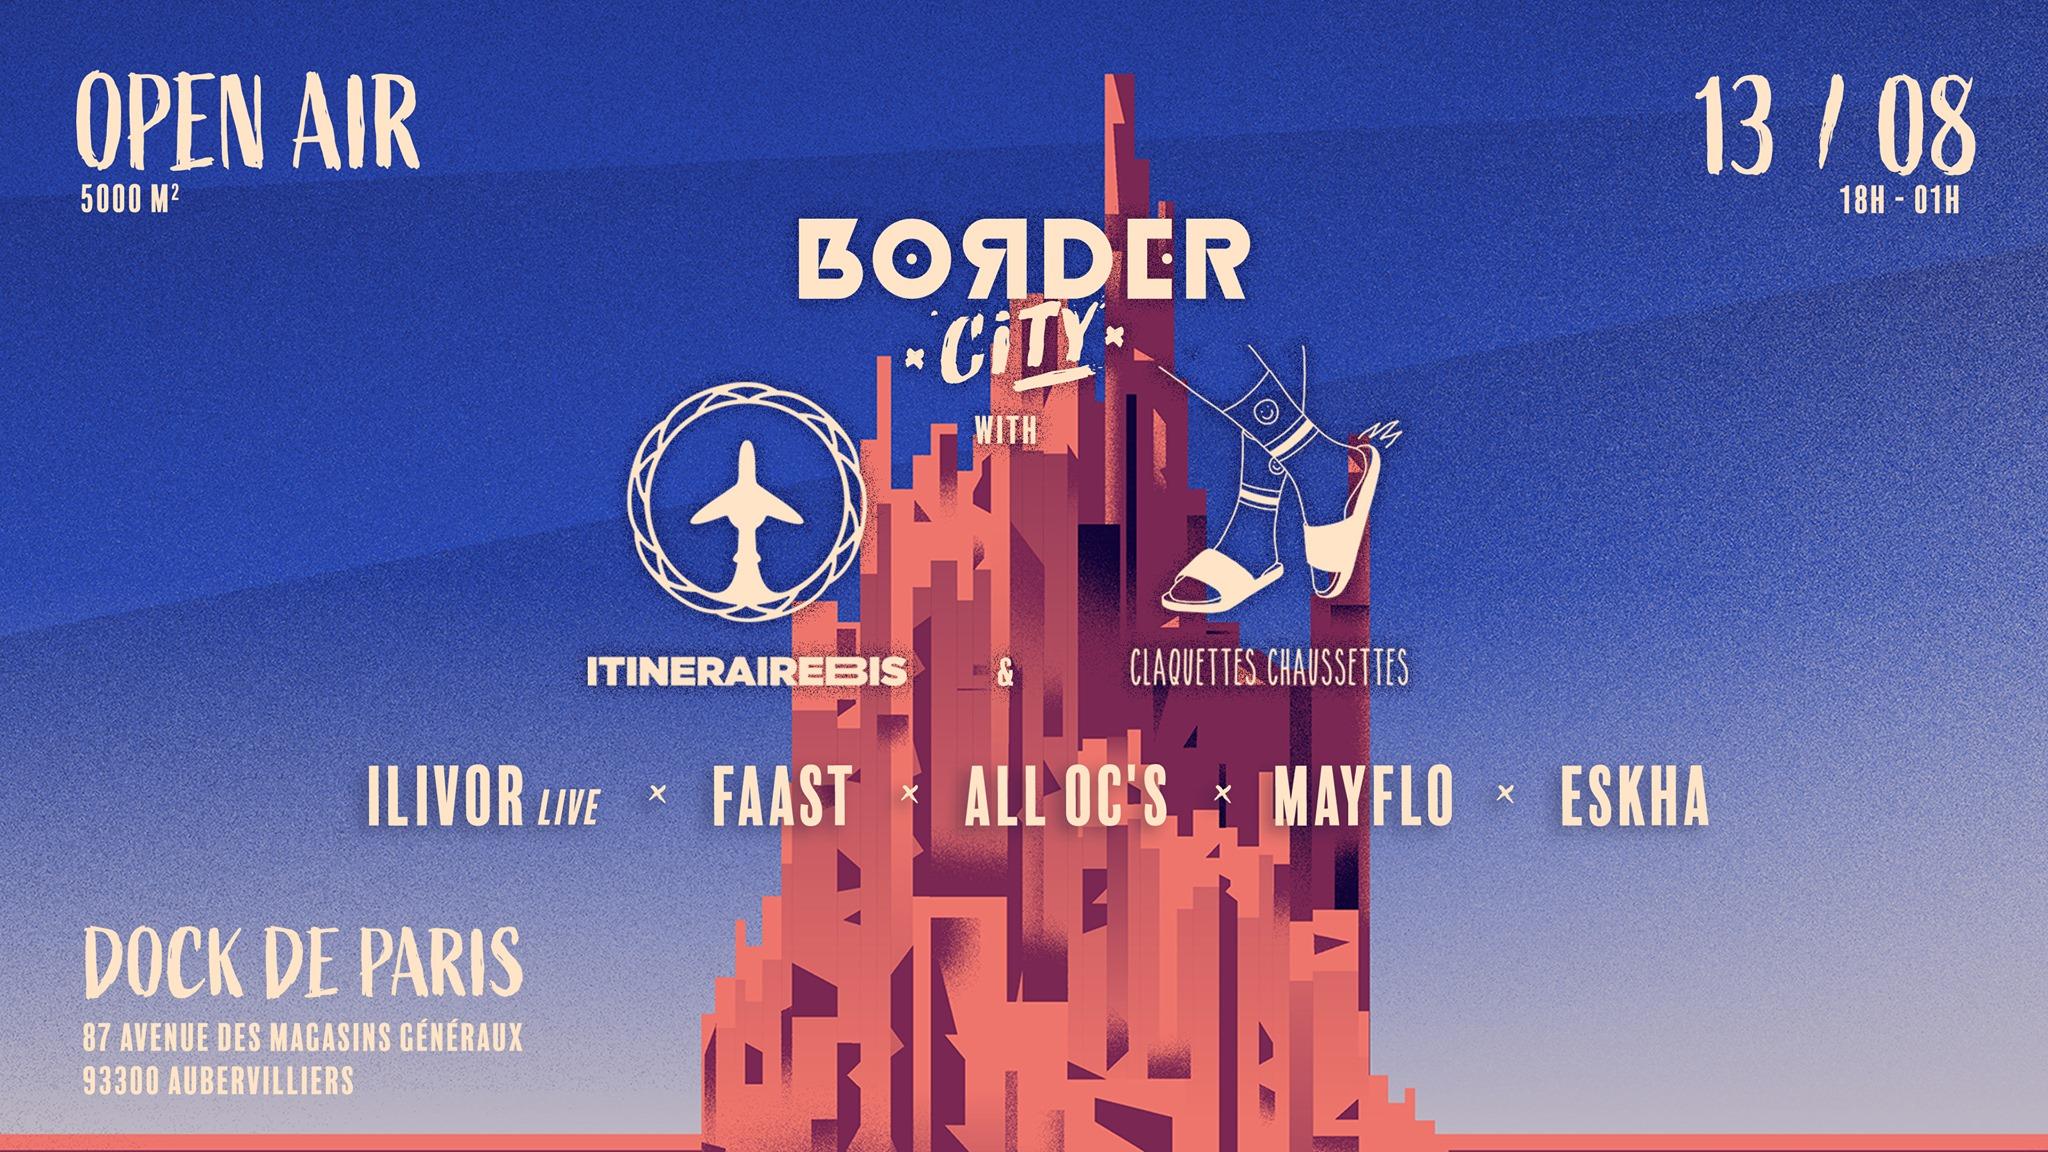 Border CIty x ItinéraireBis x Claquettes Chaussettes